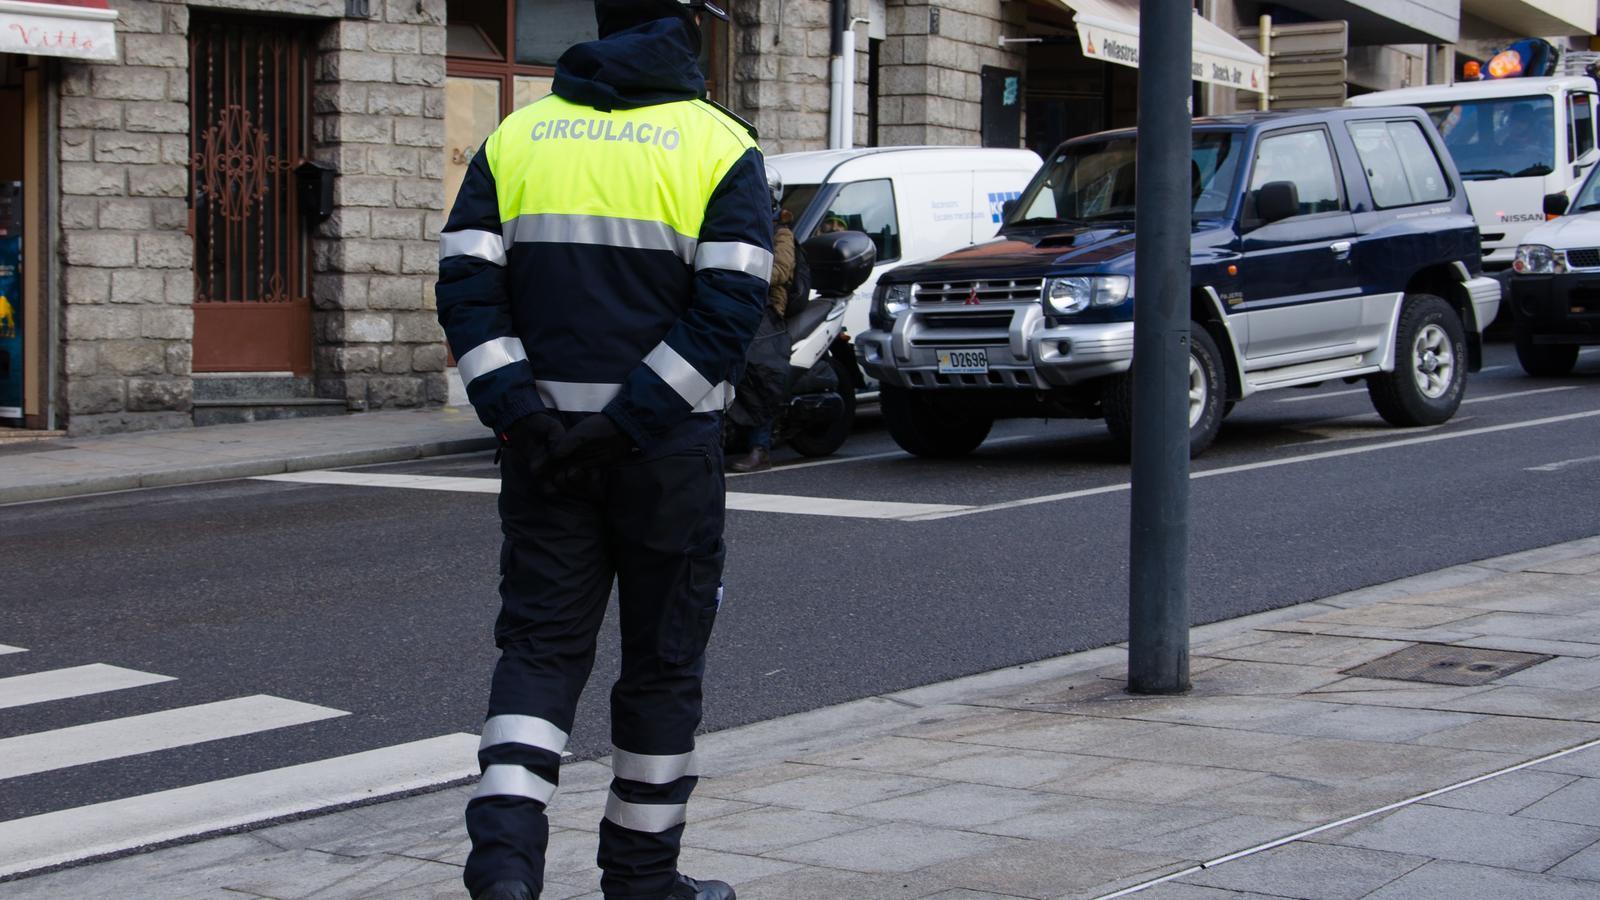 Un agent de circulació a Andorra la Vella / D.R.